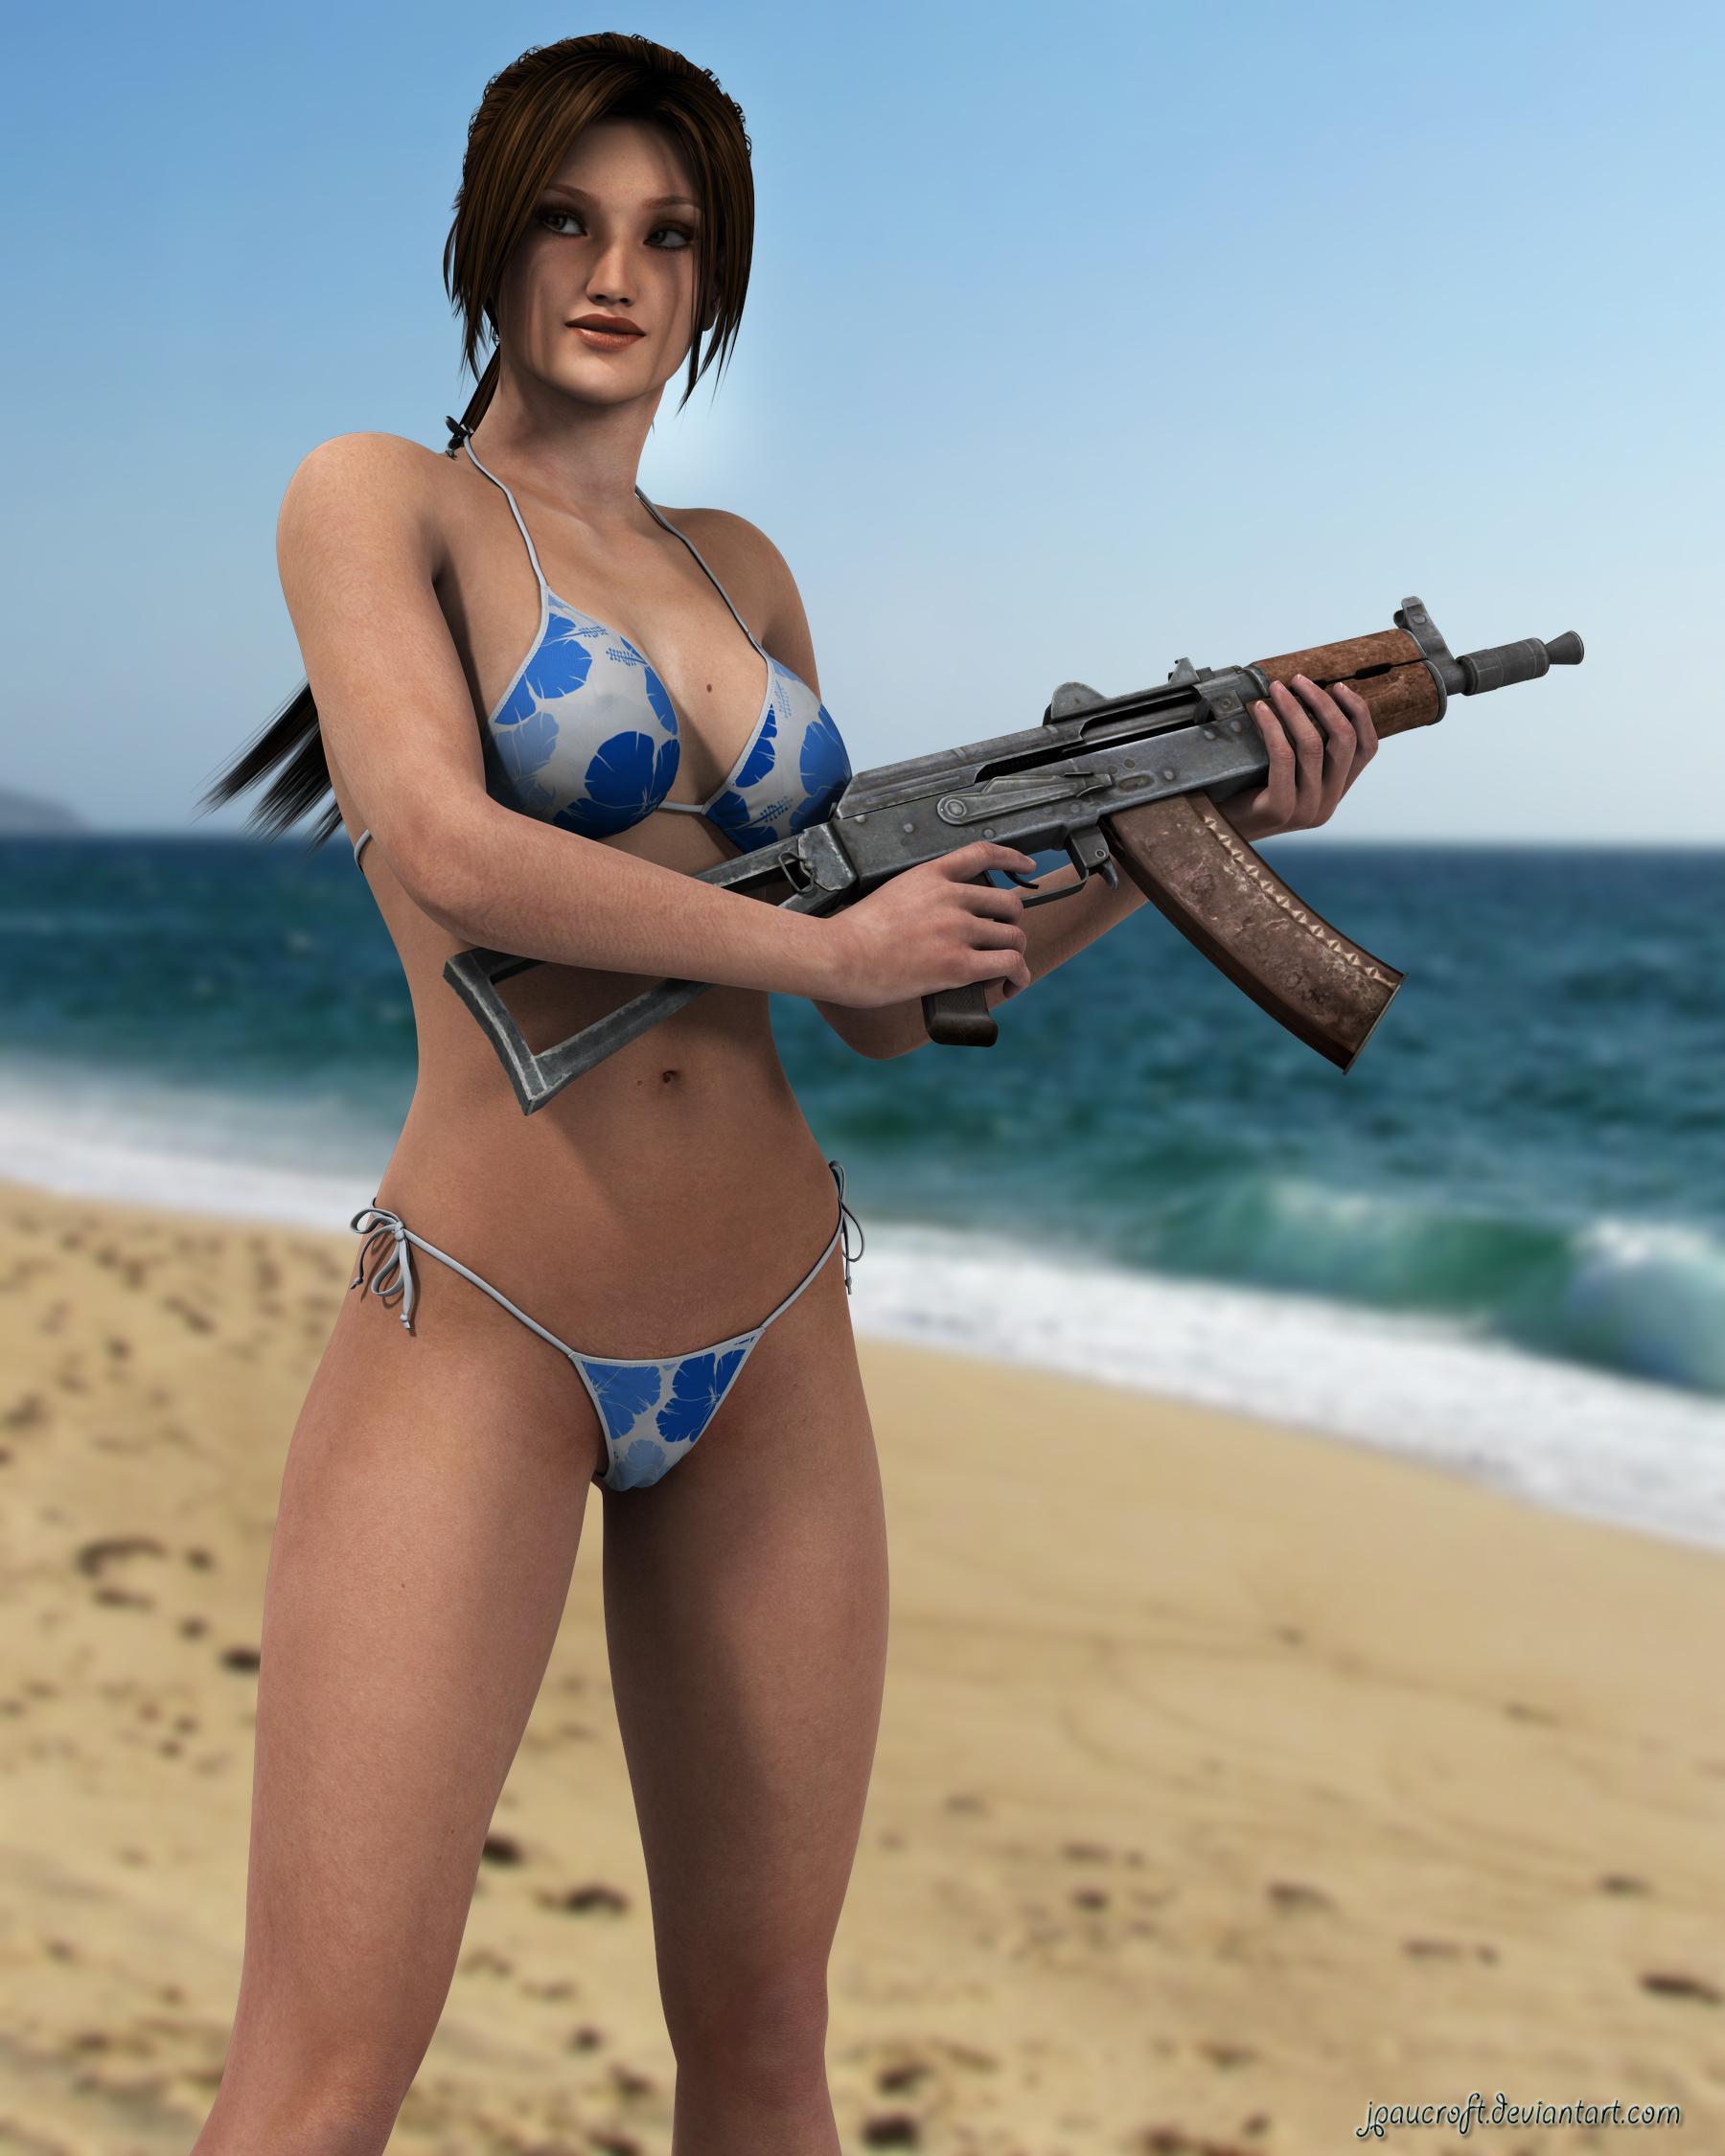 Are Lara croft in bikini pictures All